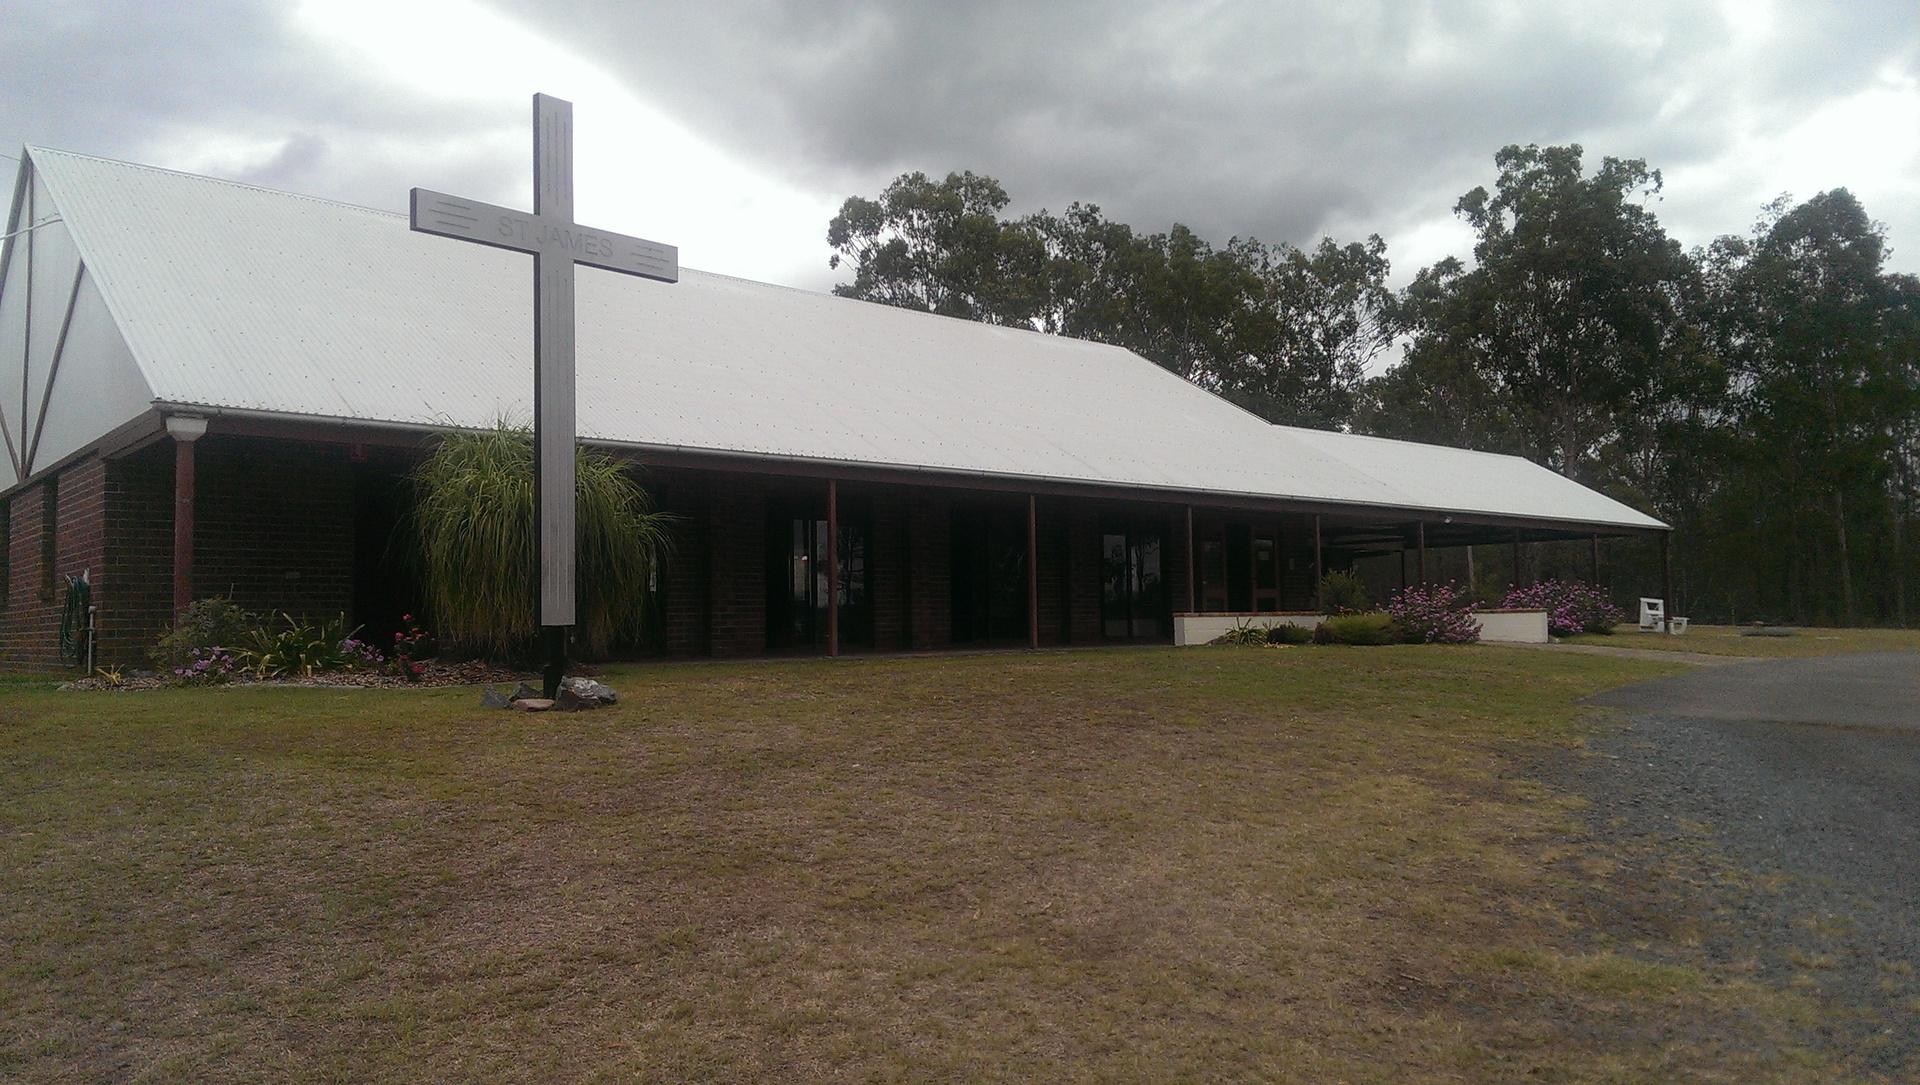 Jimboomba Anglican Parish, 47 east st, jimboomba, qld, 4280, Australia